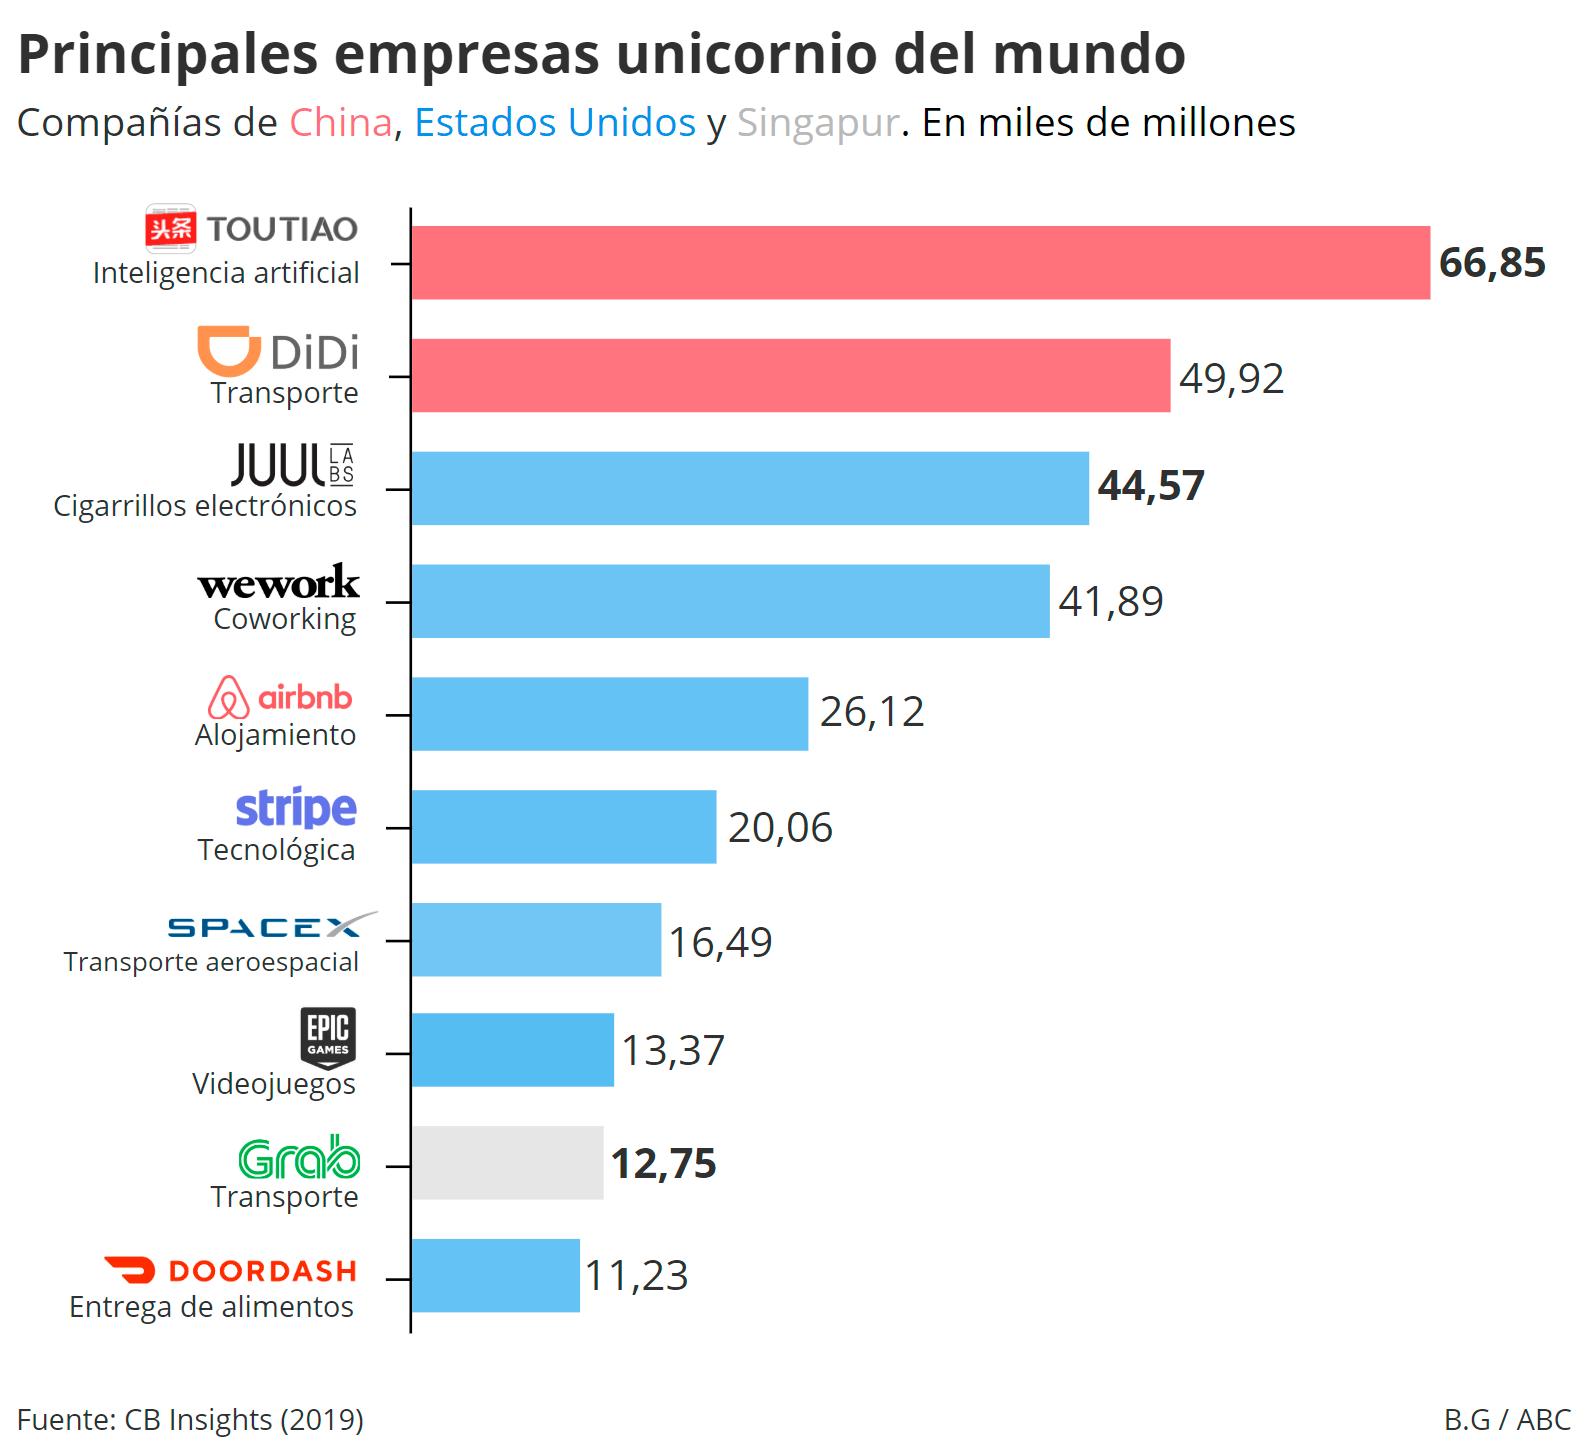 Las diez compañías privadas con un valor superior a un billón de euros